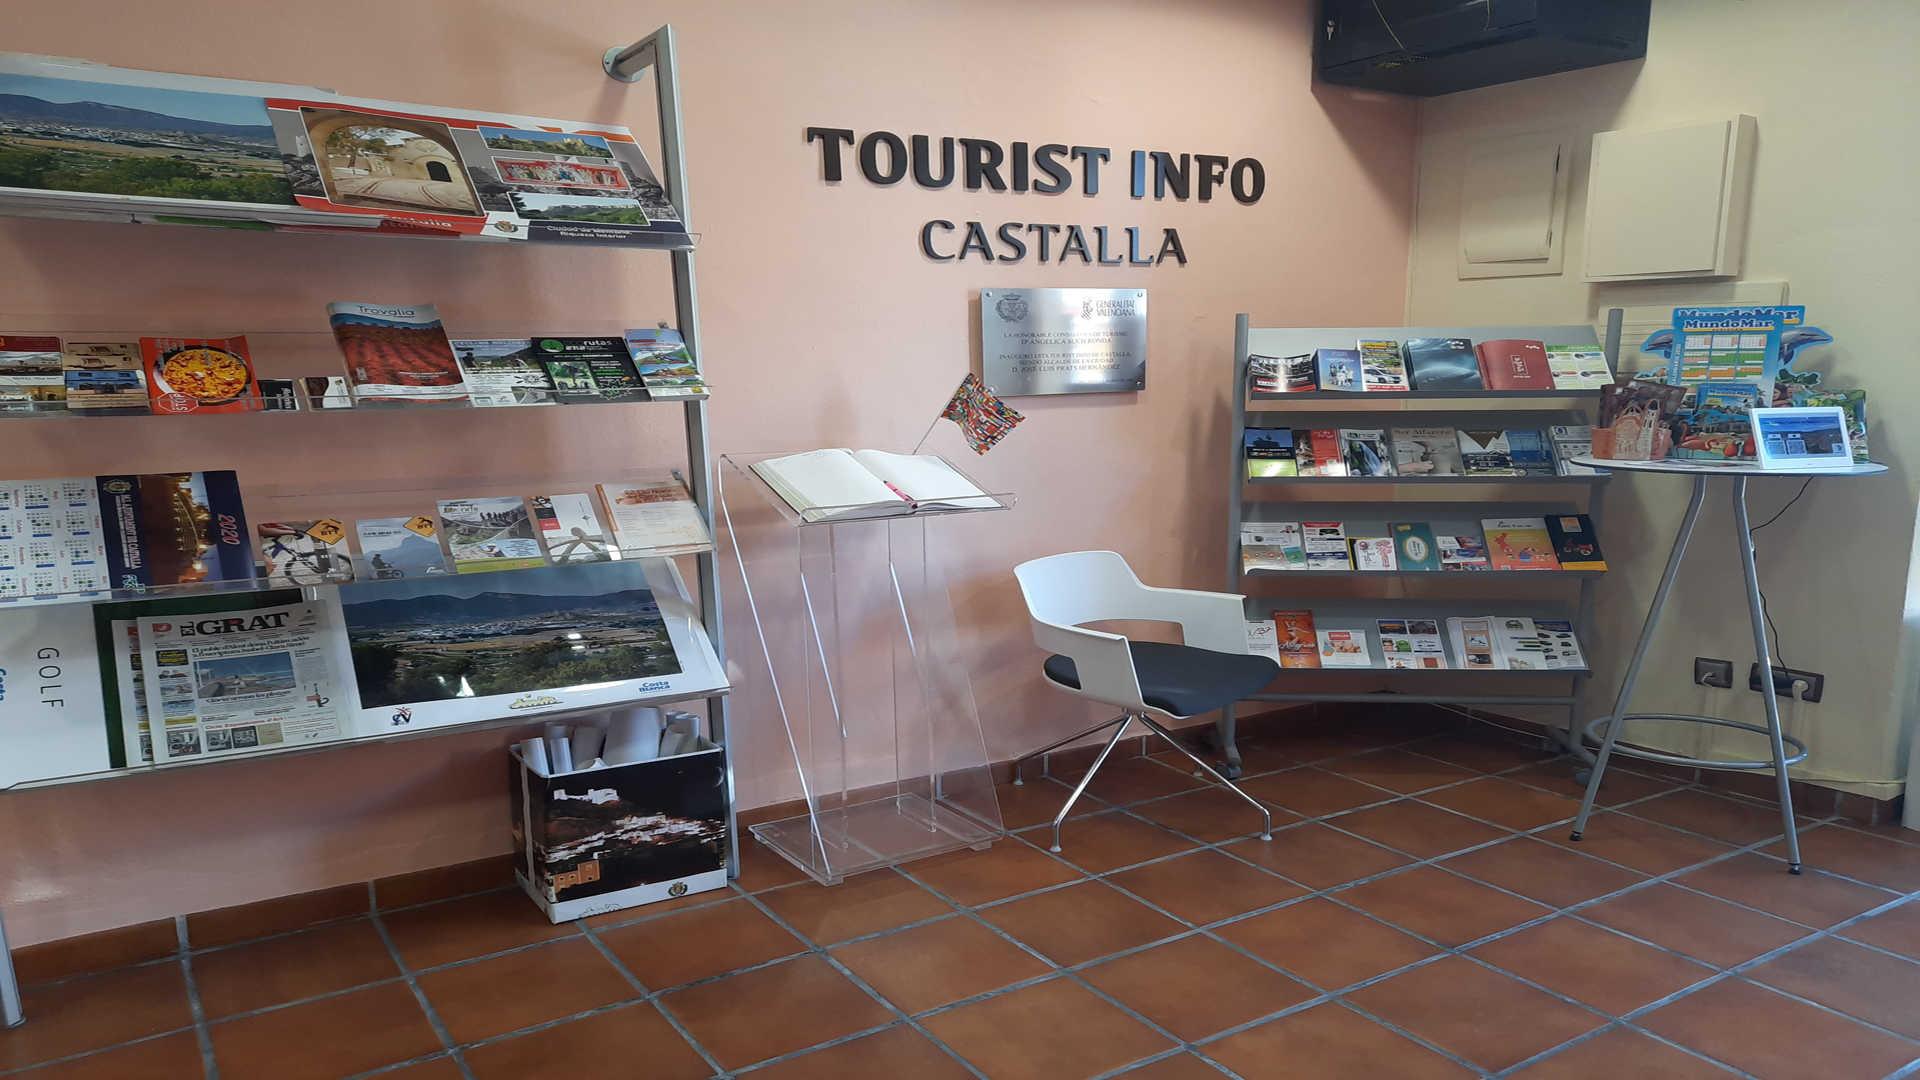 TOURIST INFO CASTALLA